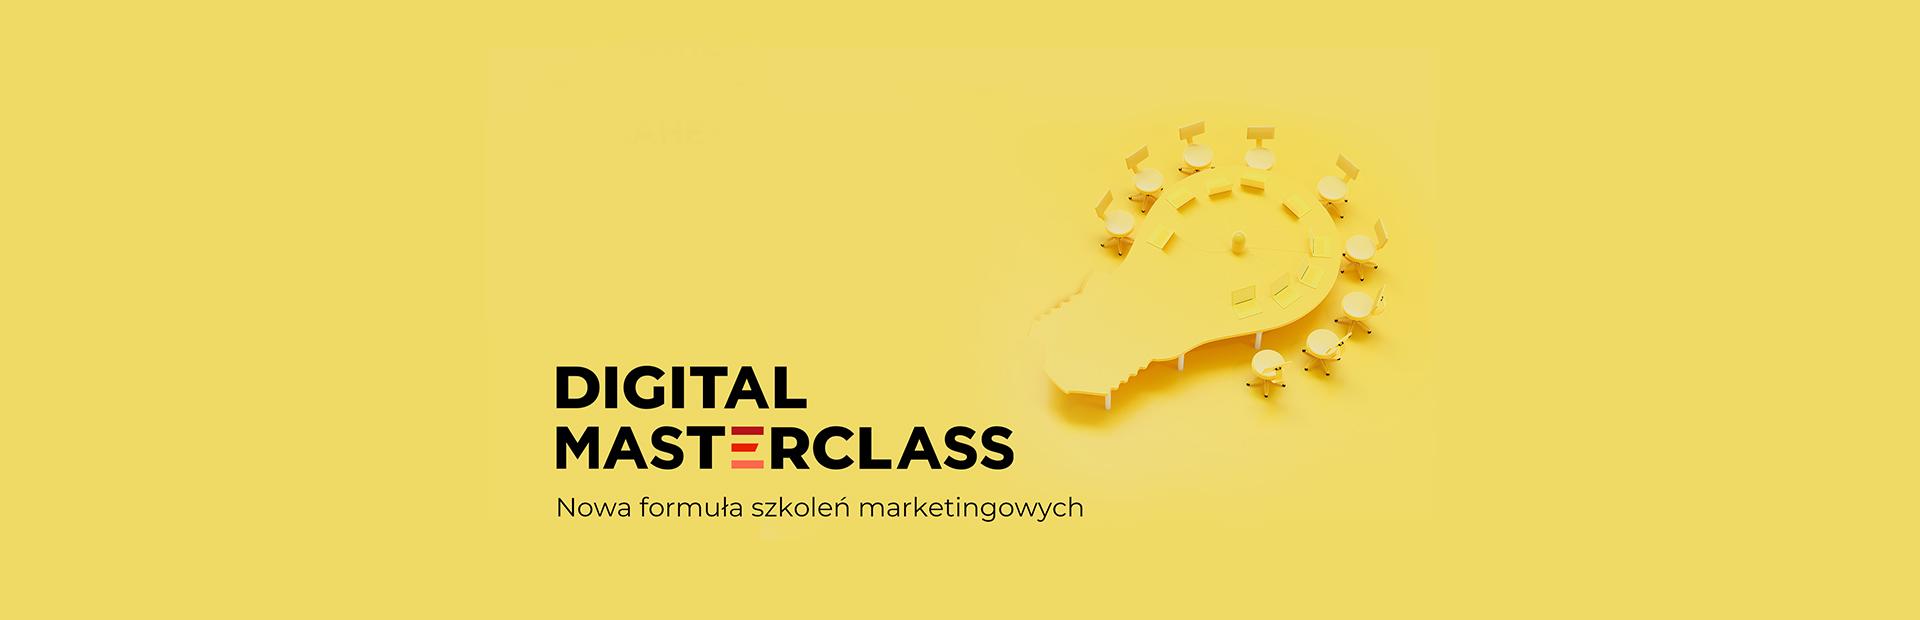 Digital Masterclass - innowacyjne szkolenia dla marketerów